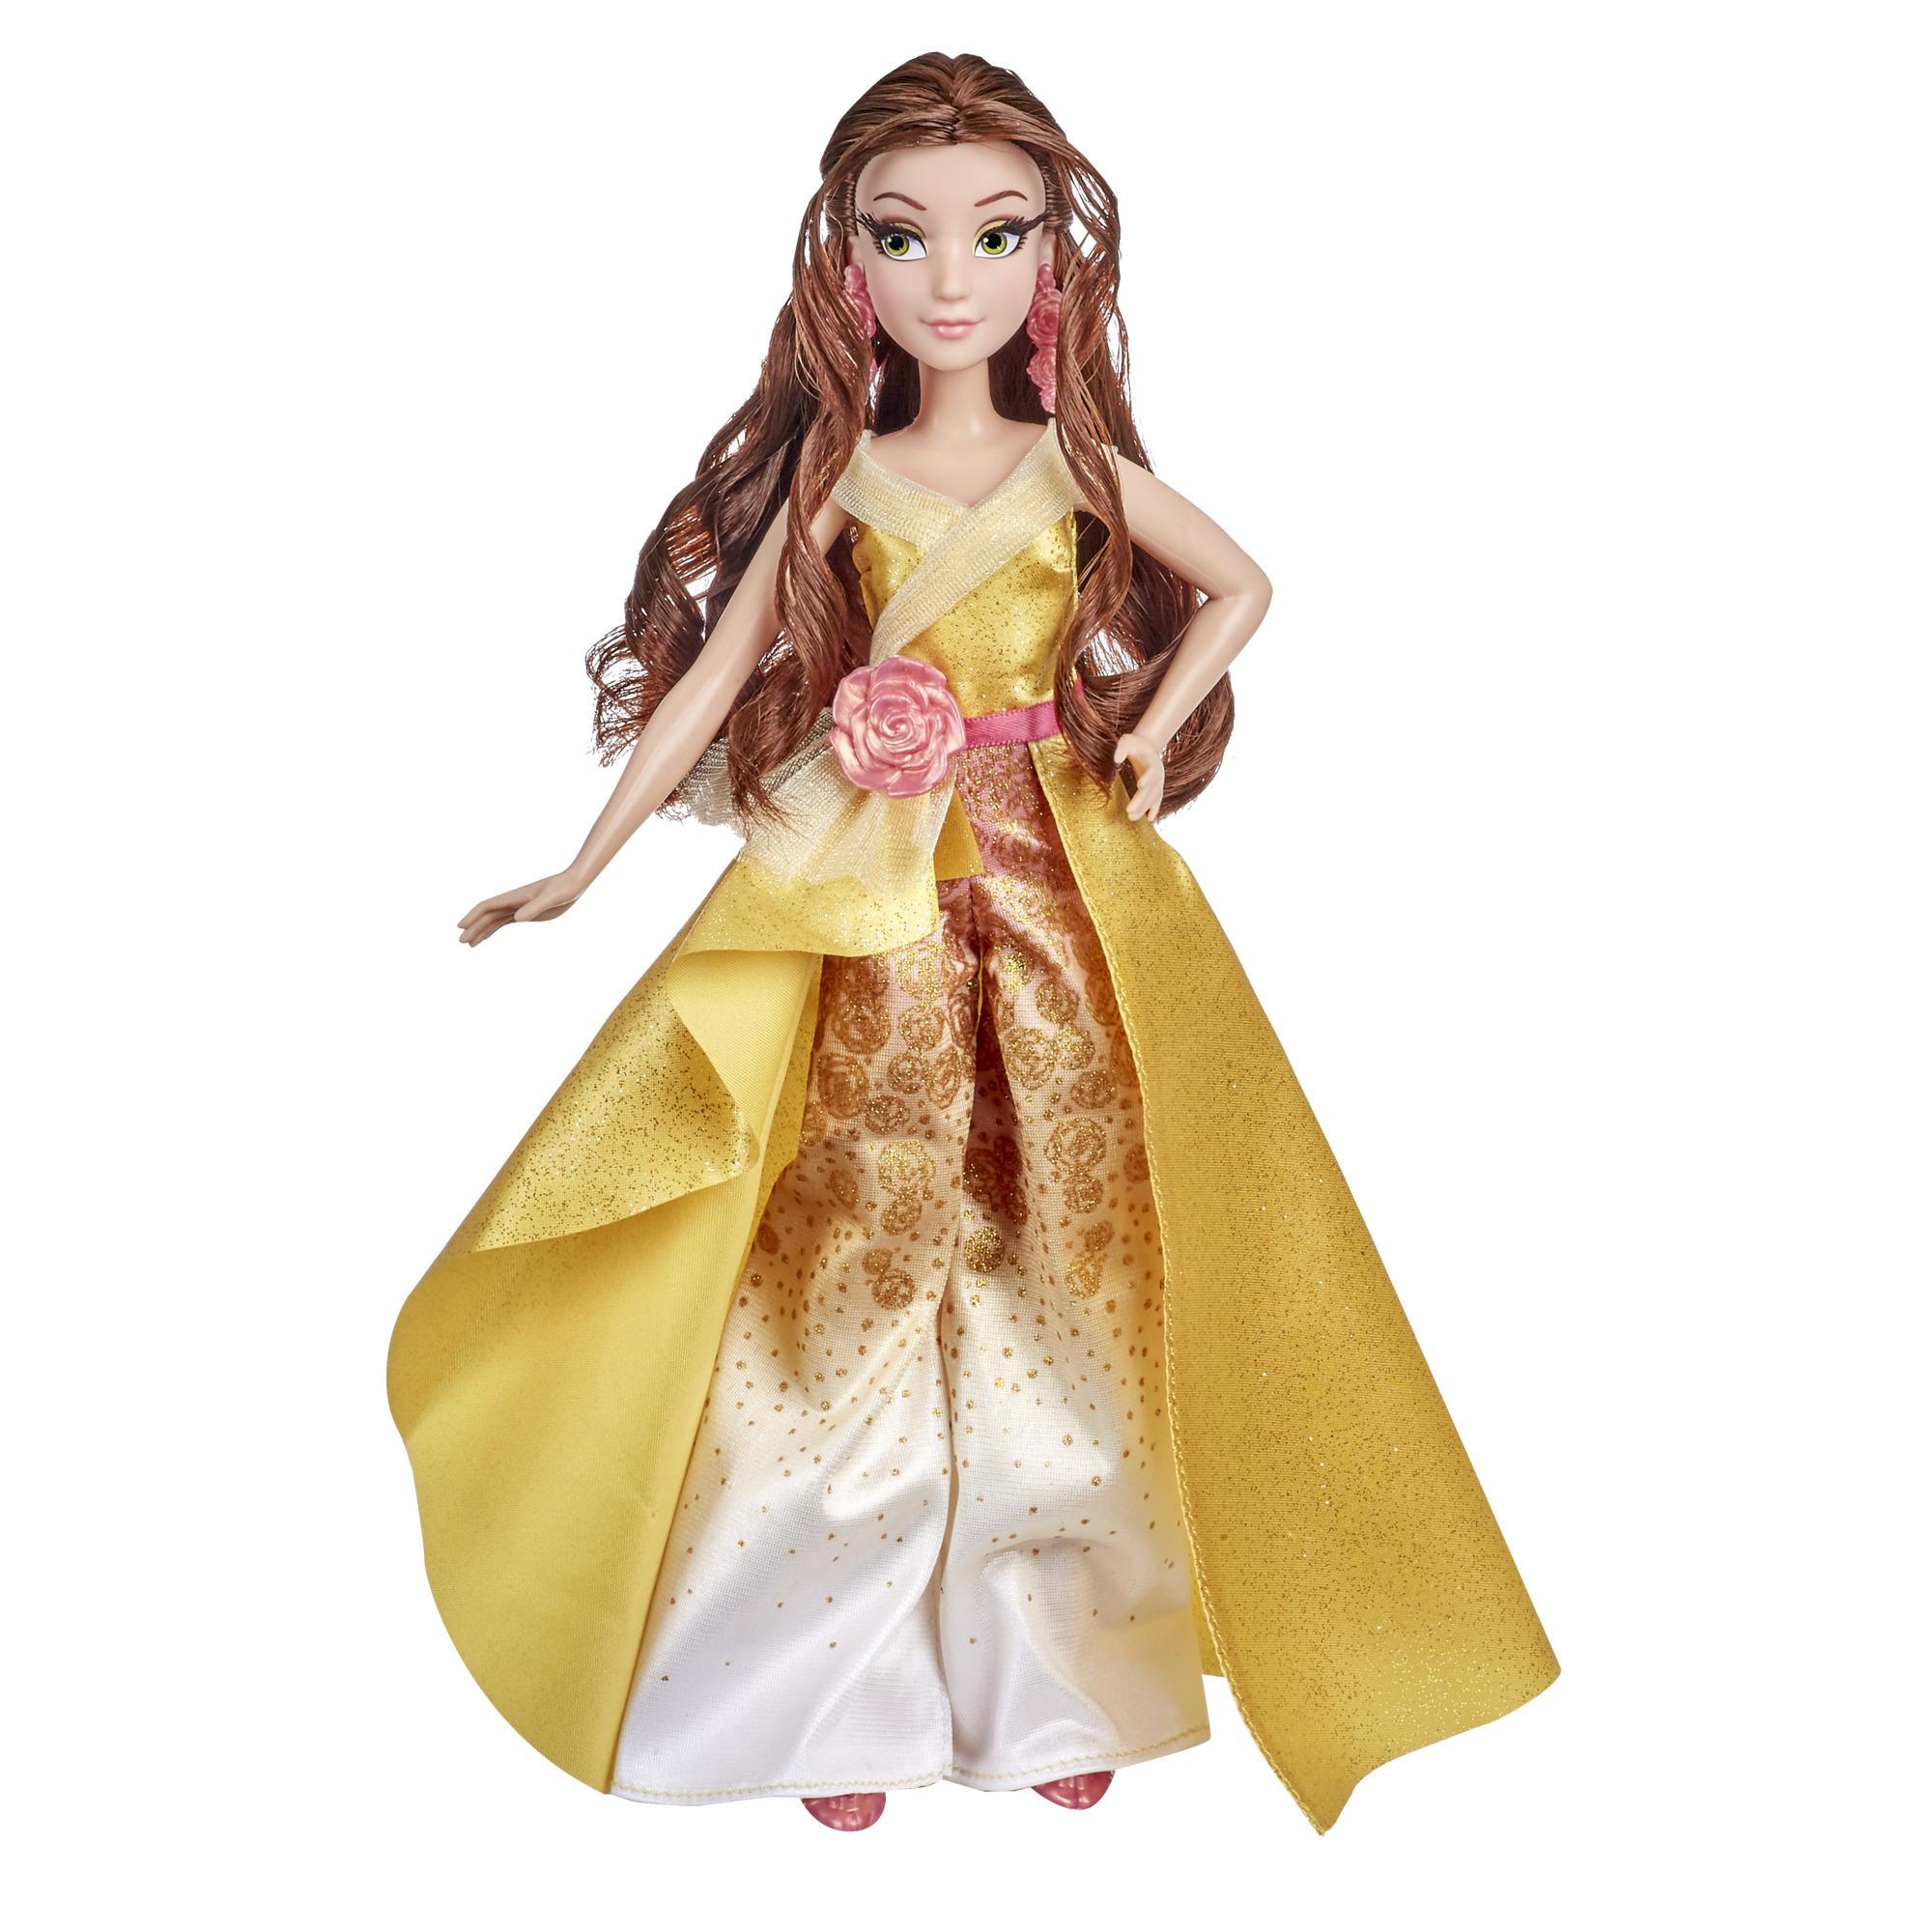 Disney Princess, série Style, poupée 08 Belle au style contemporain avec accessoires, dès 6ans